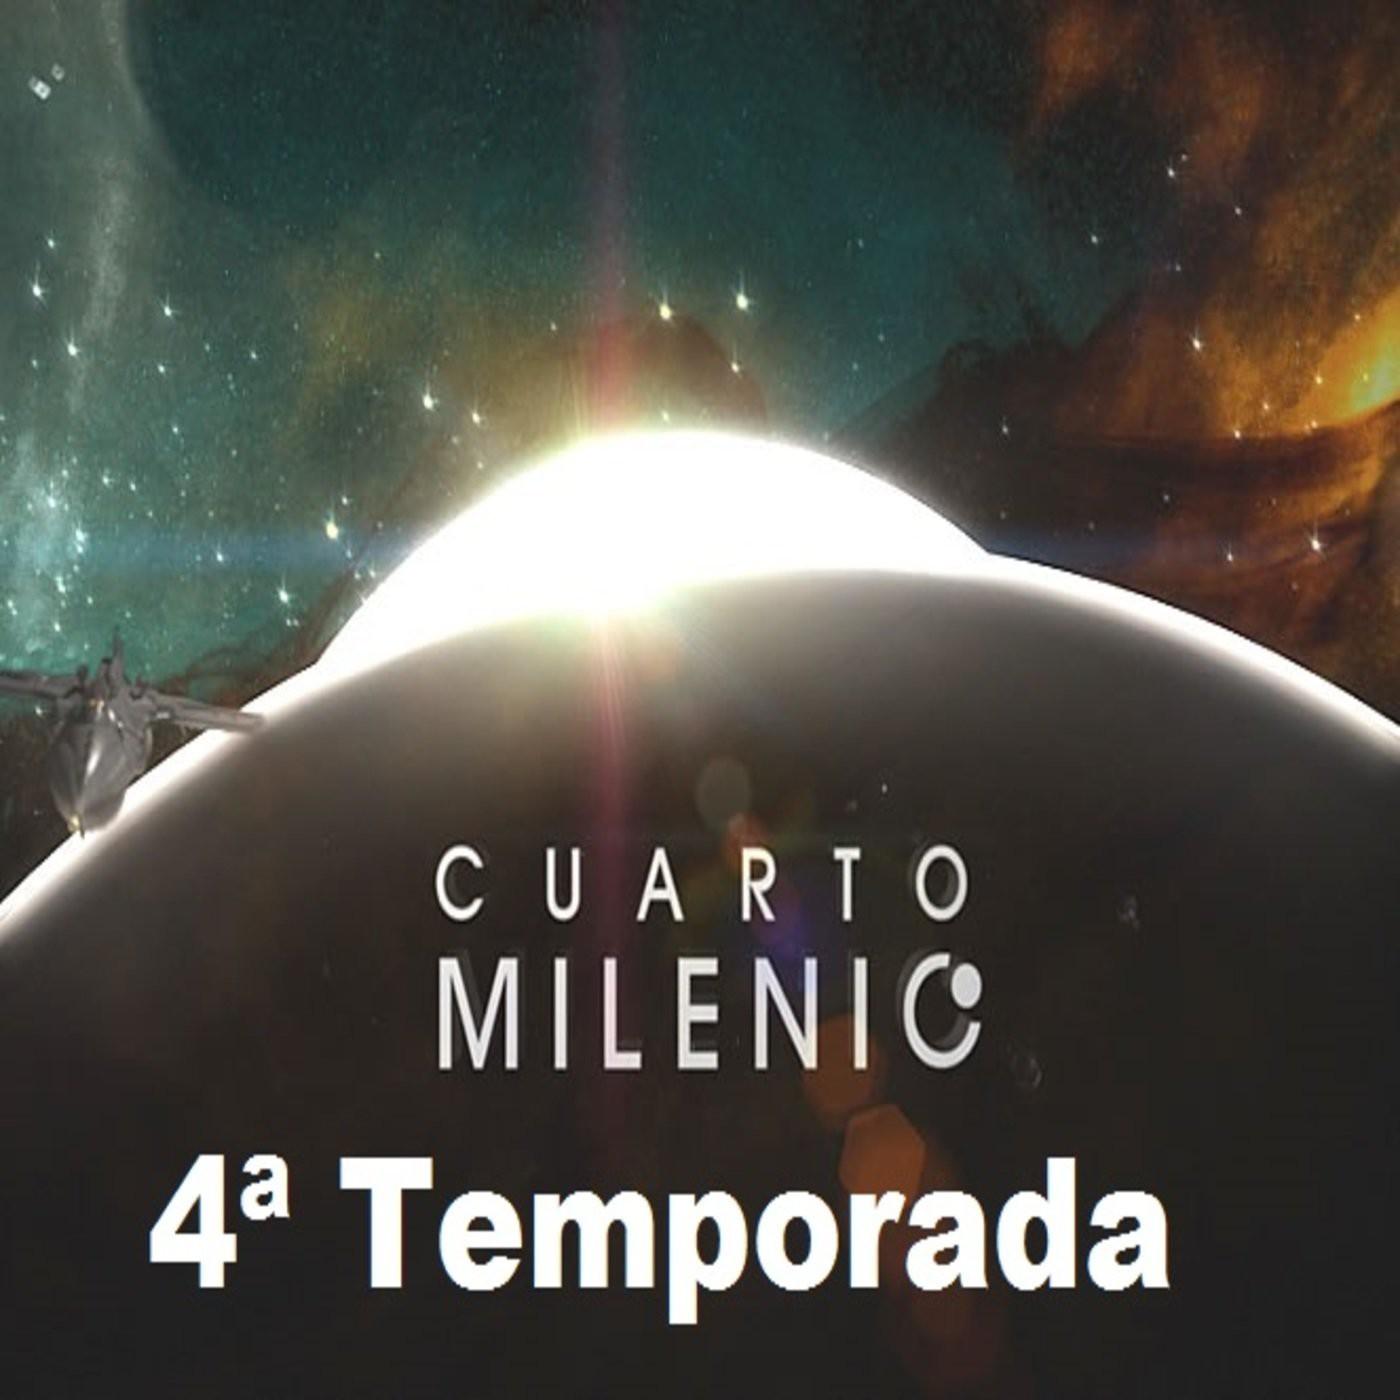 Escucha CUARTO MILENIO (4ª Temporada) - iVoox